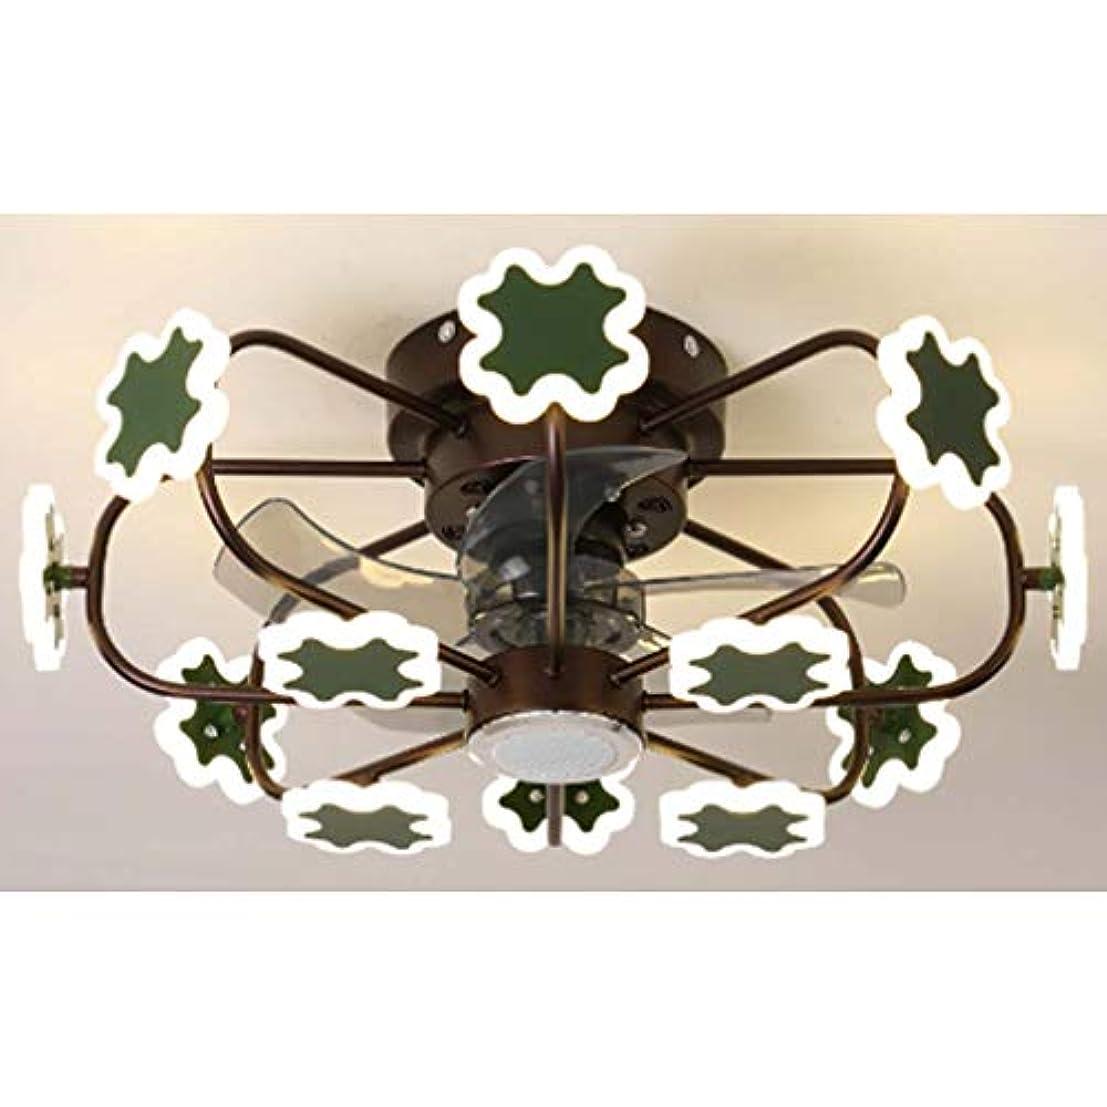 大事にする厳しい内部3-速度 3-カラー照明 ミュート 時間指定が可能 リバーシブルモーター 天井ファンライト,ラウンド ブルートゥースオーディオ ファンライト 12light 70w